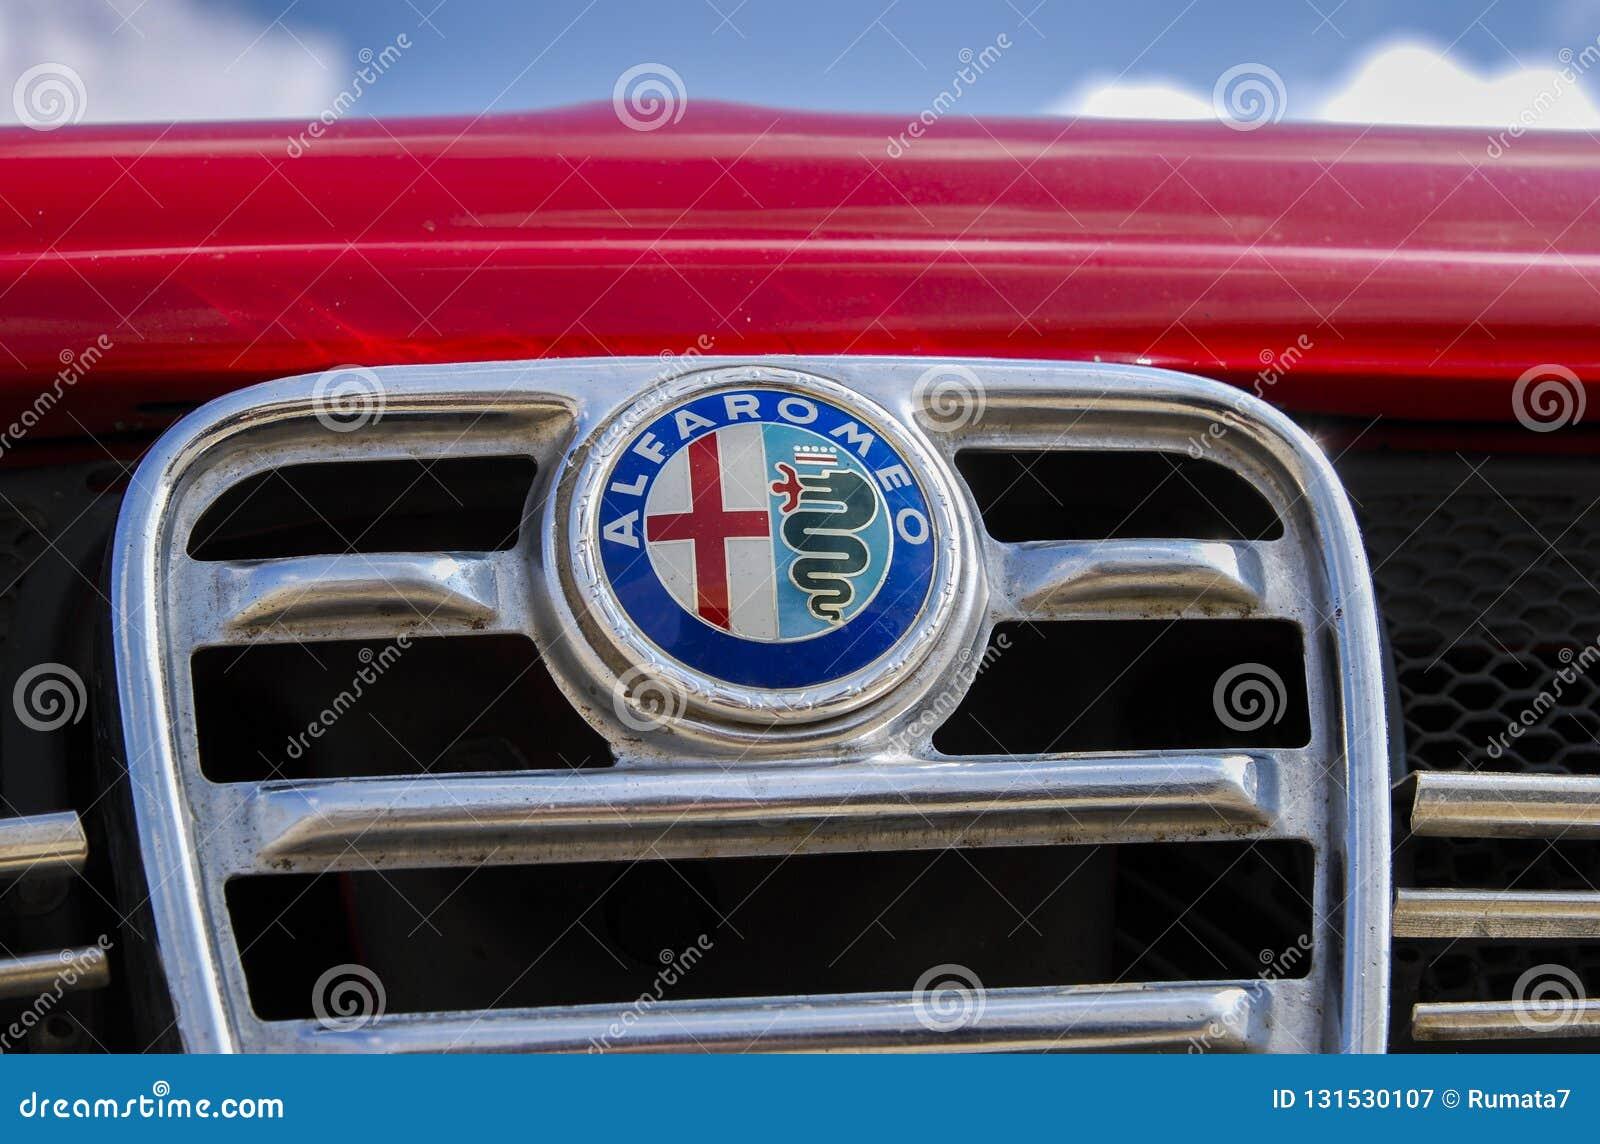 Logotype Ou Emblema De Alfa Romeo Do Vintage Na Grade Dianteira Fotografia Editorial Imagem De Dianteira Grade 131530107